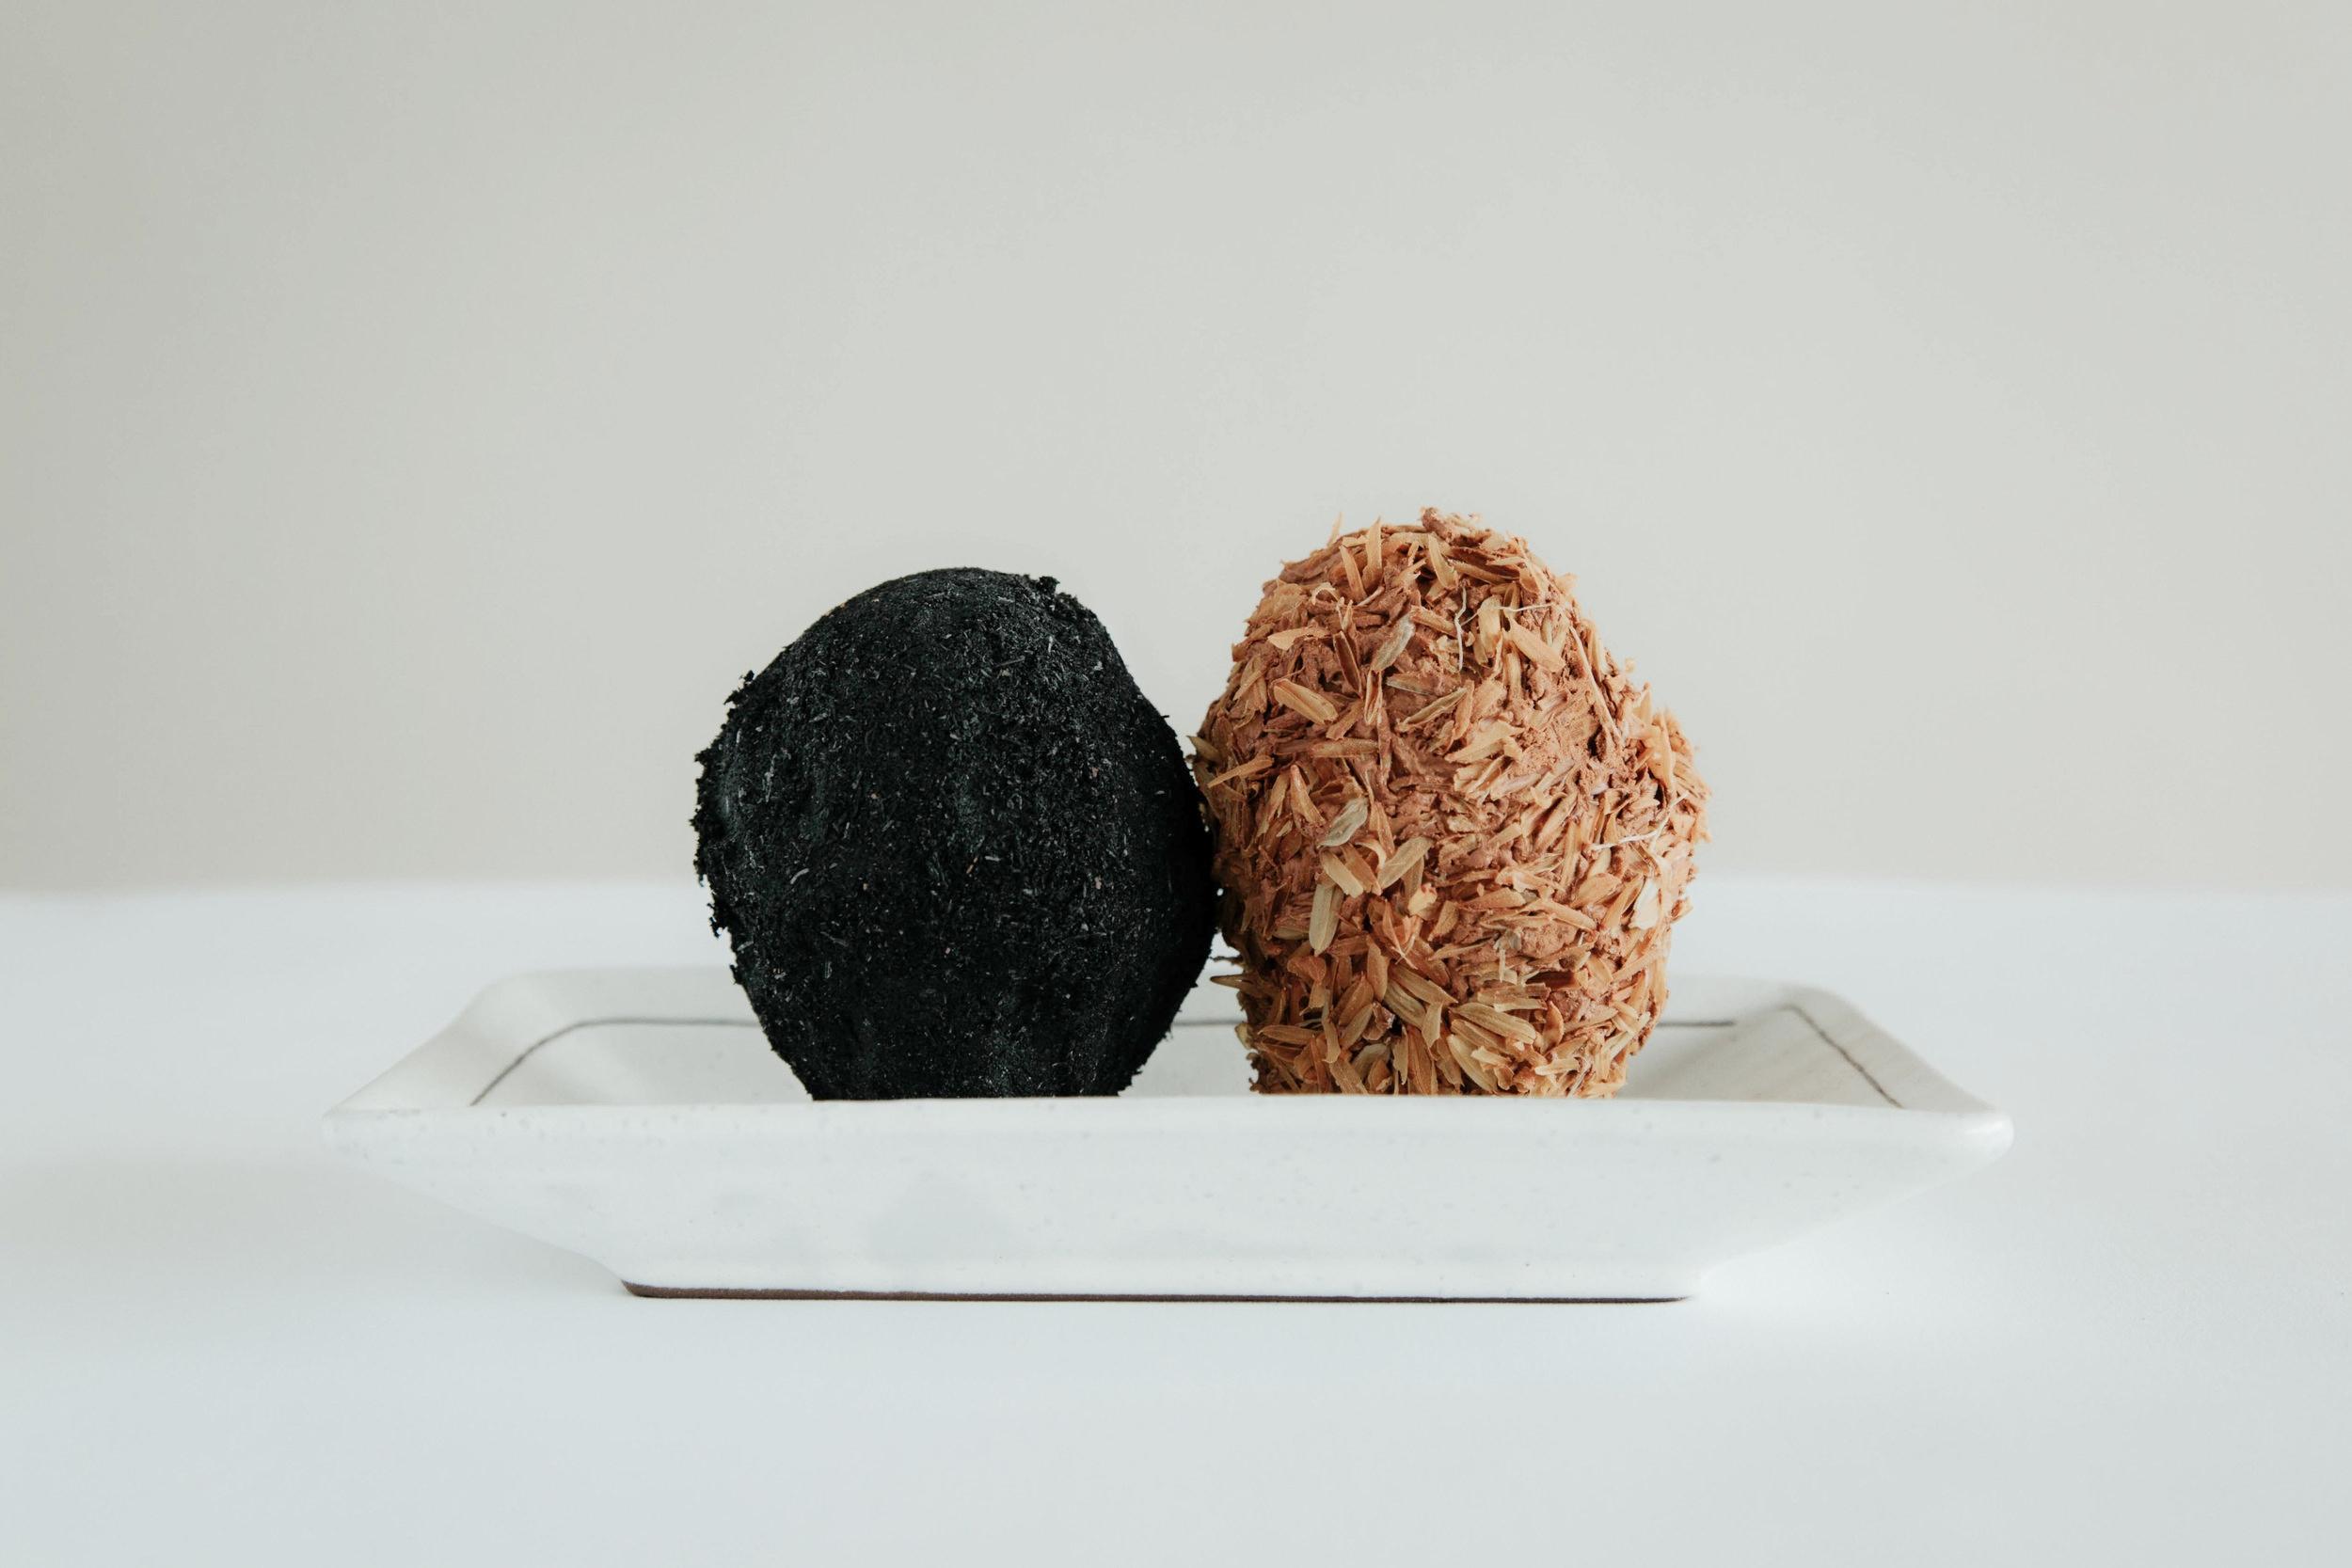 century egg and salted egg.jpg